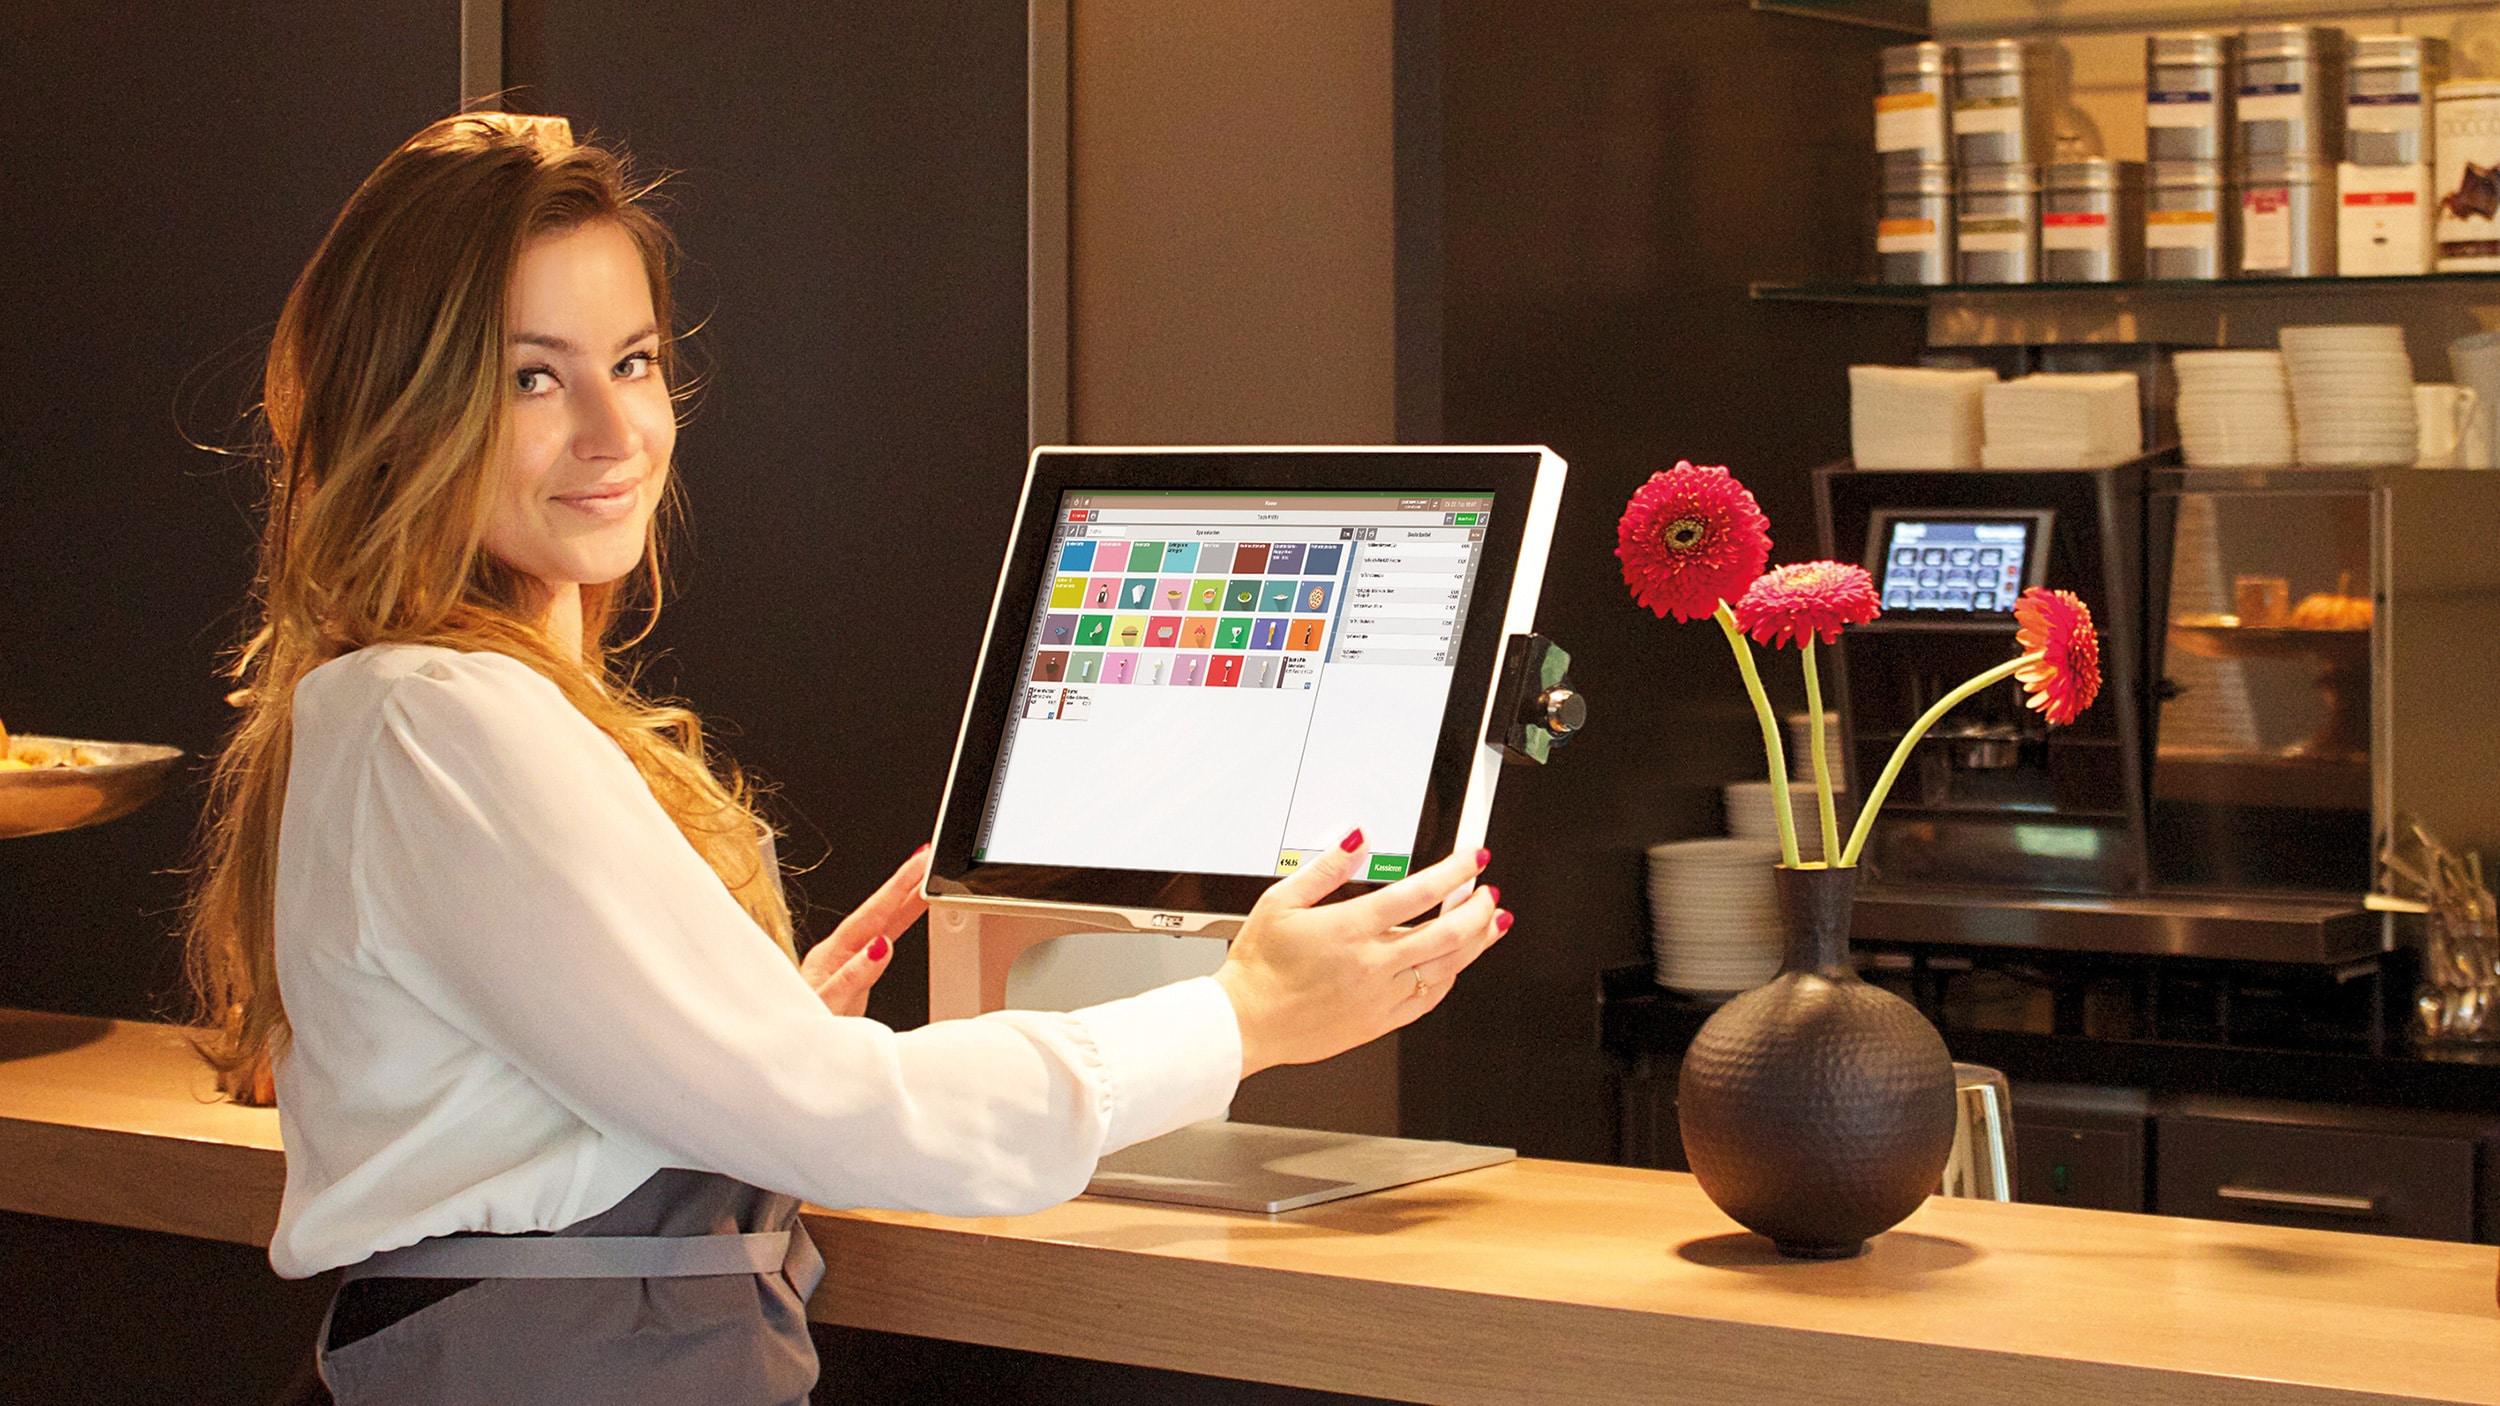 So gelingt Digitalisierung in der Hotel-Gastronomie während der Corona-Pandemie.